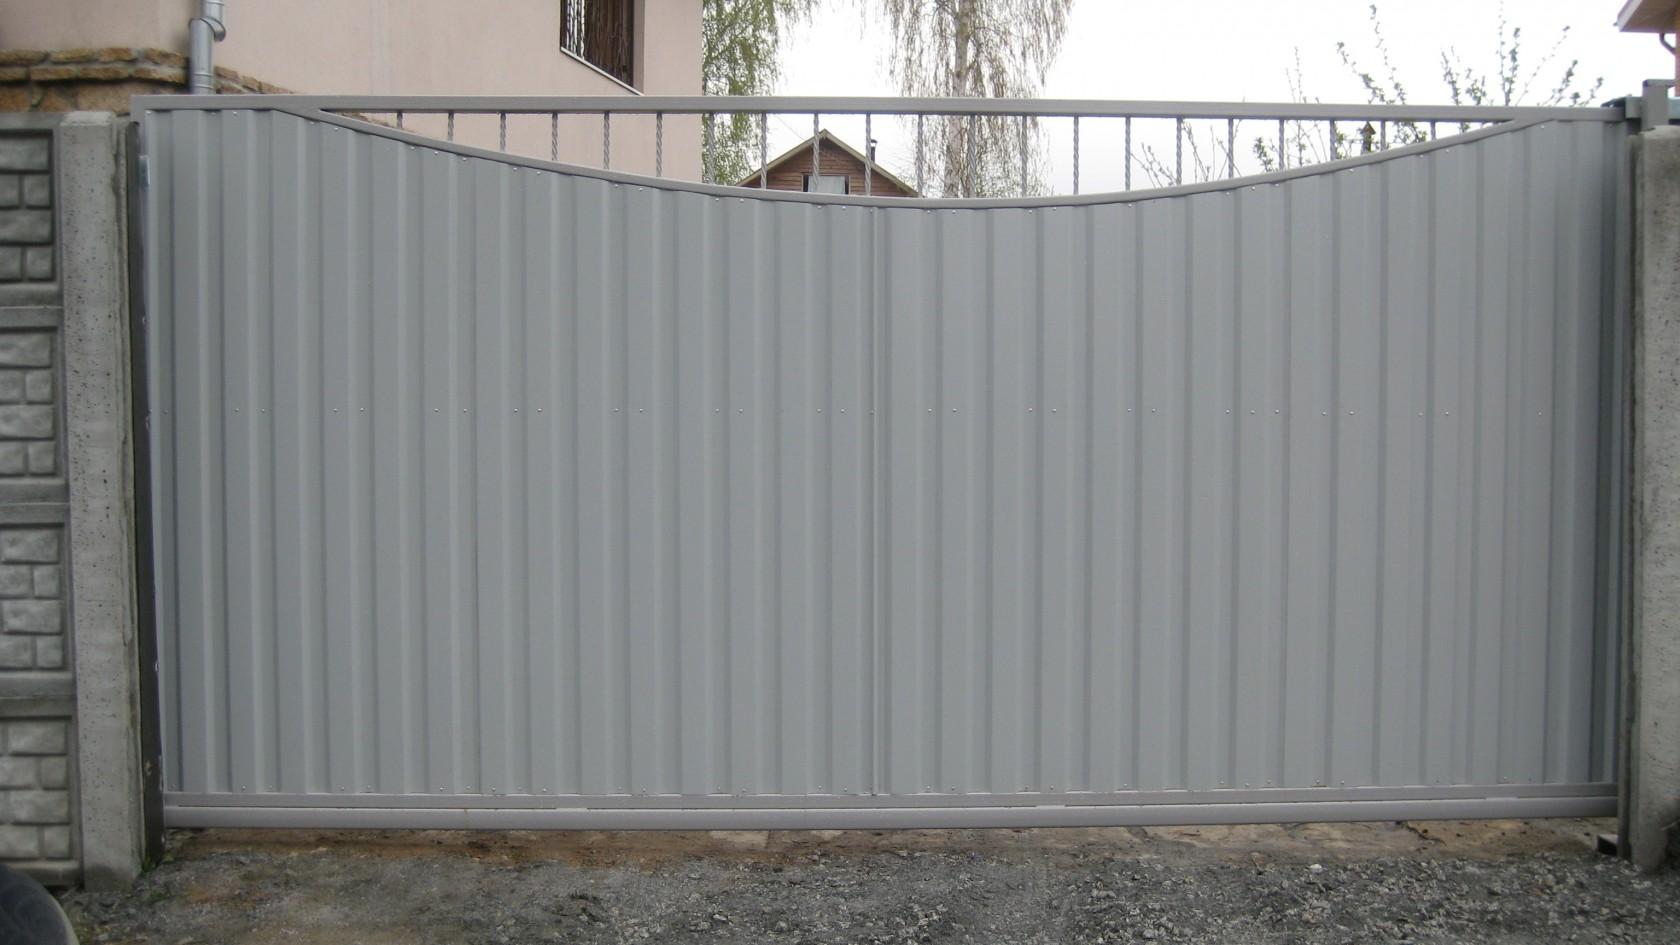 Ворота с электрическим приводом екатеринбург модель железных ворот